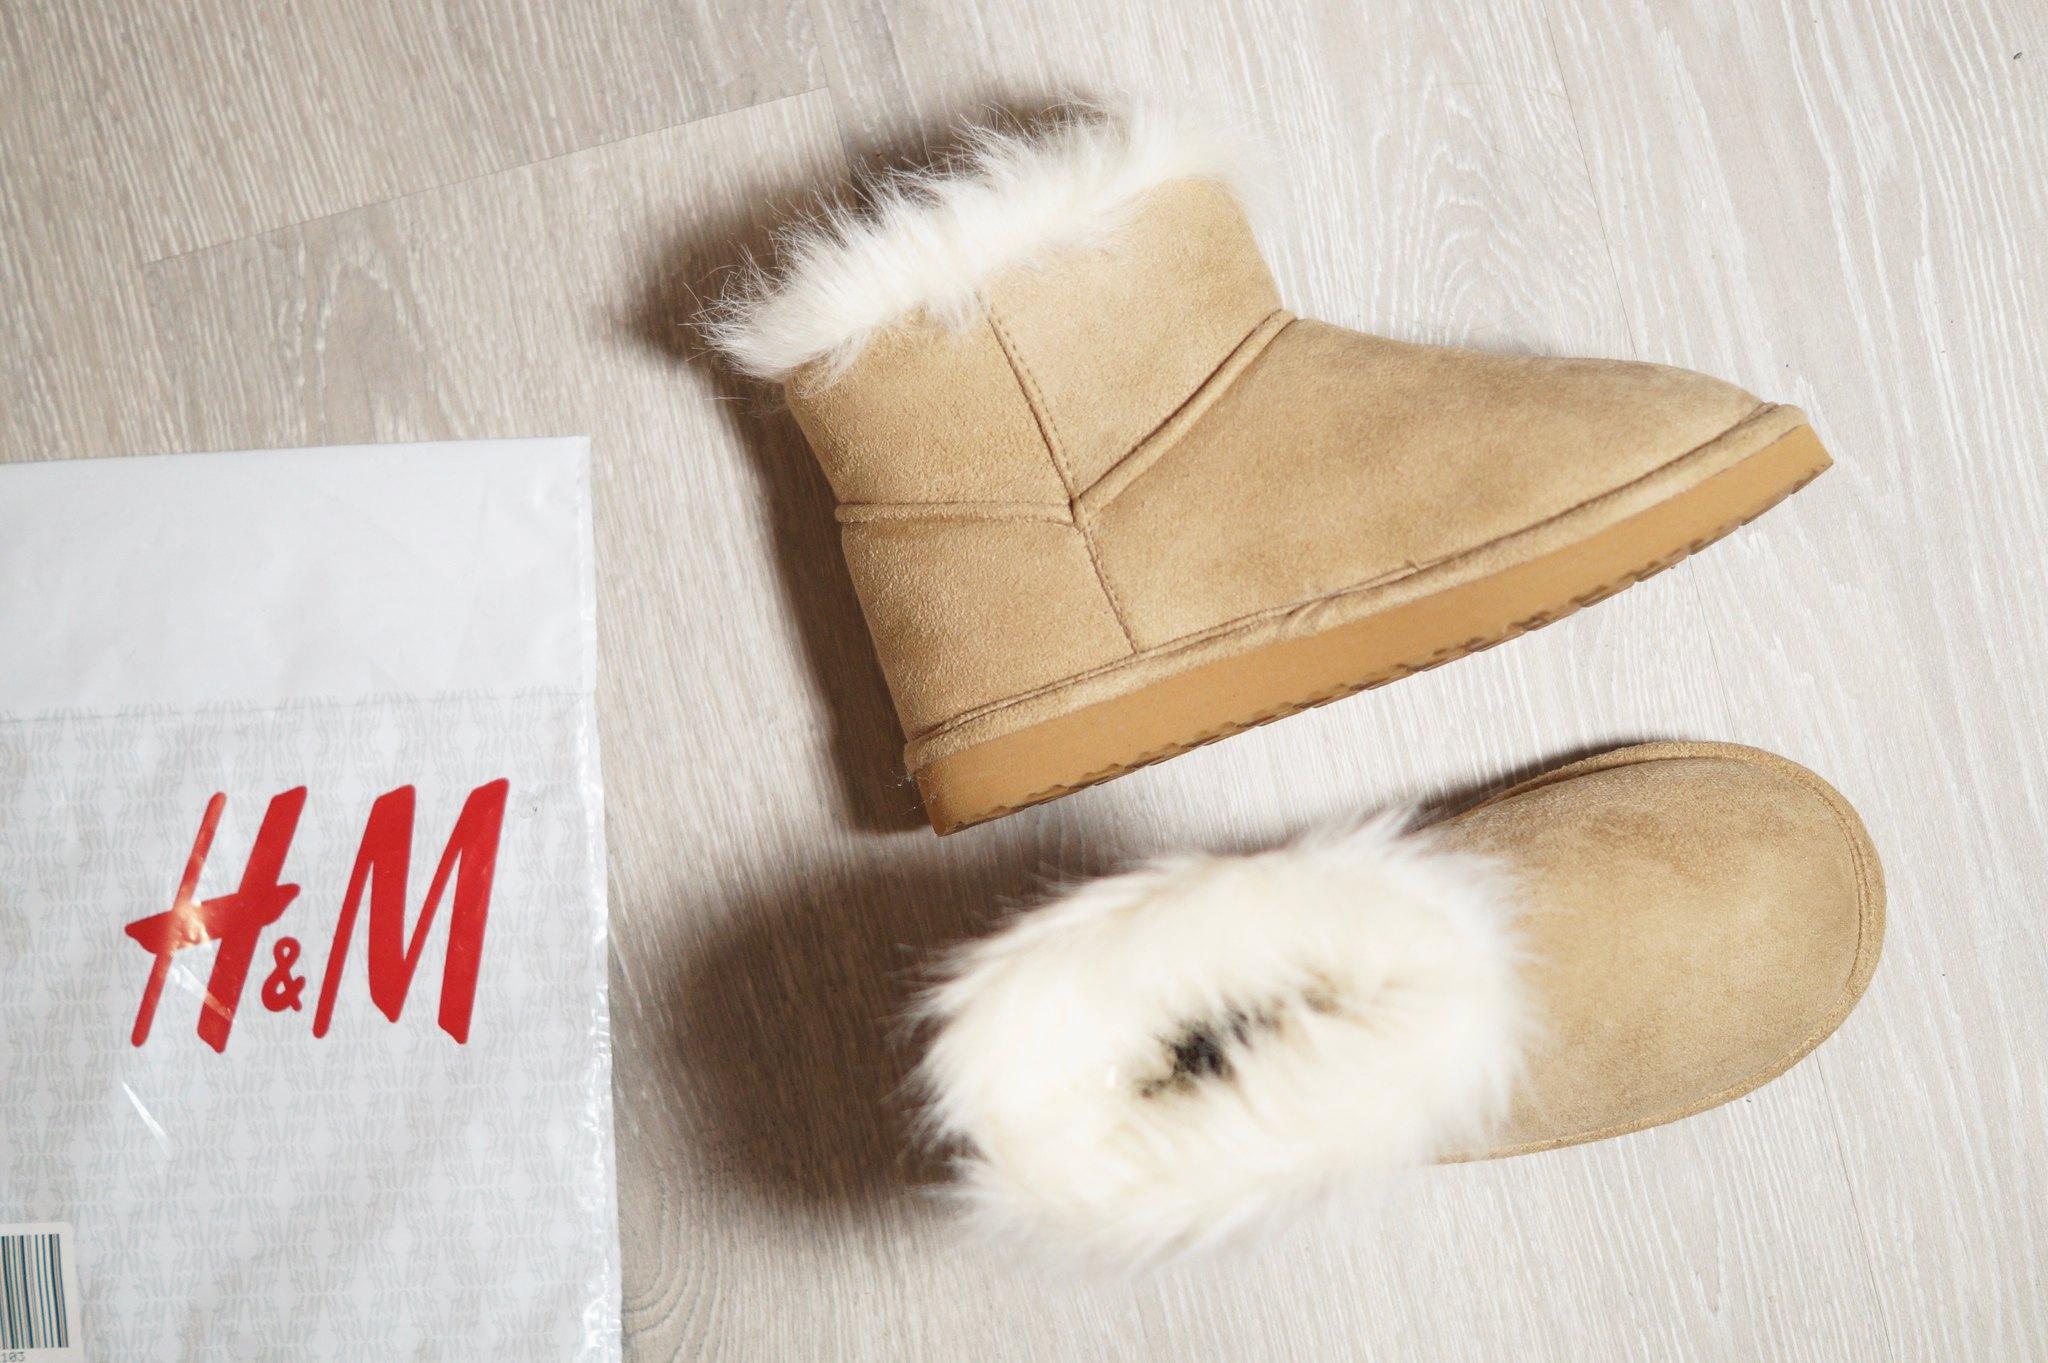 Uudet kengät + asuideoita